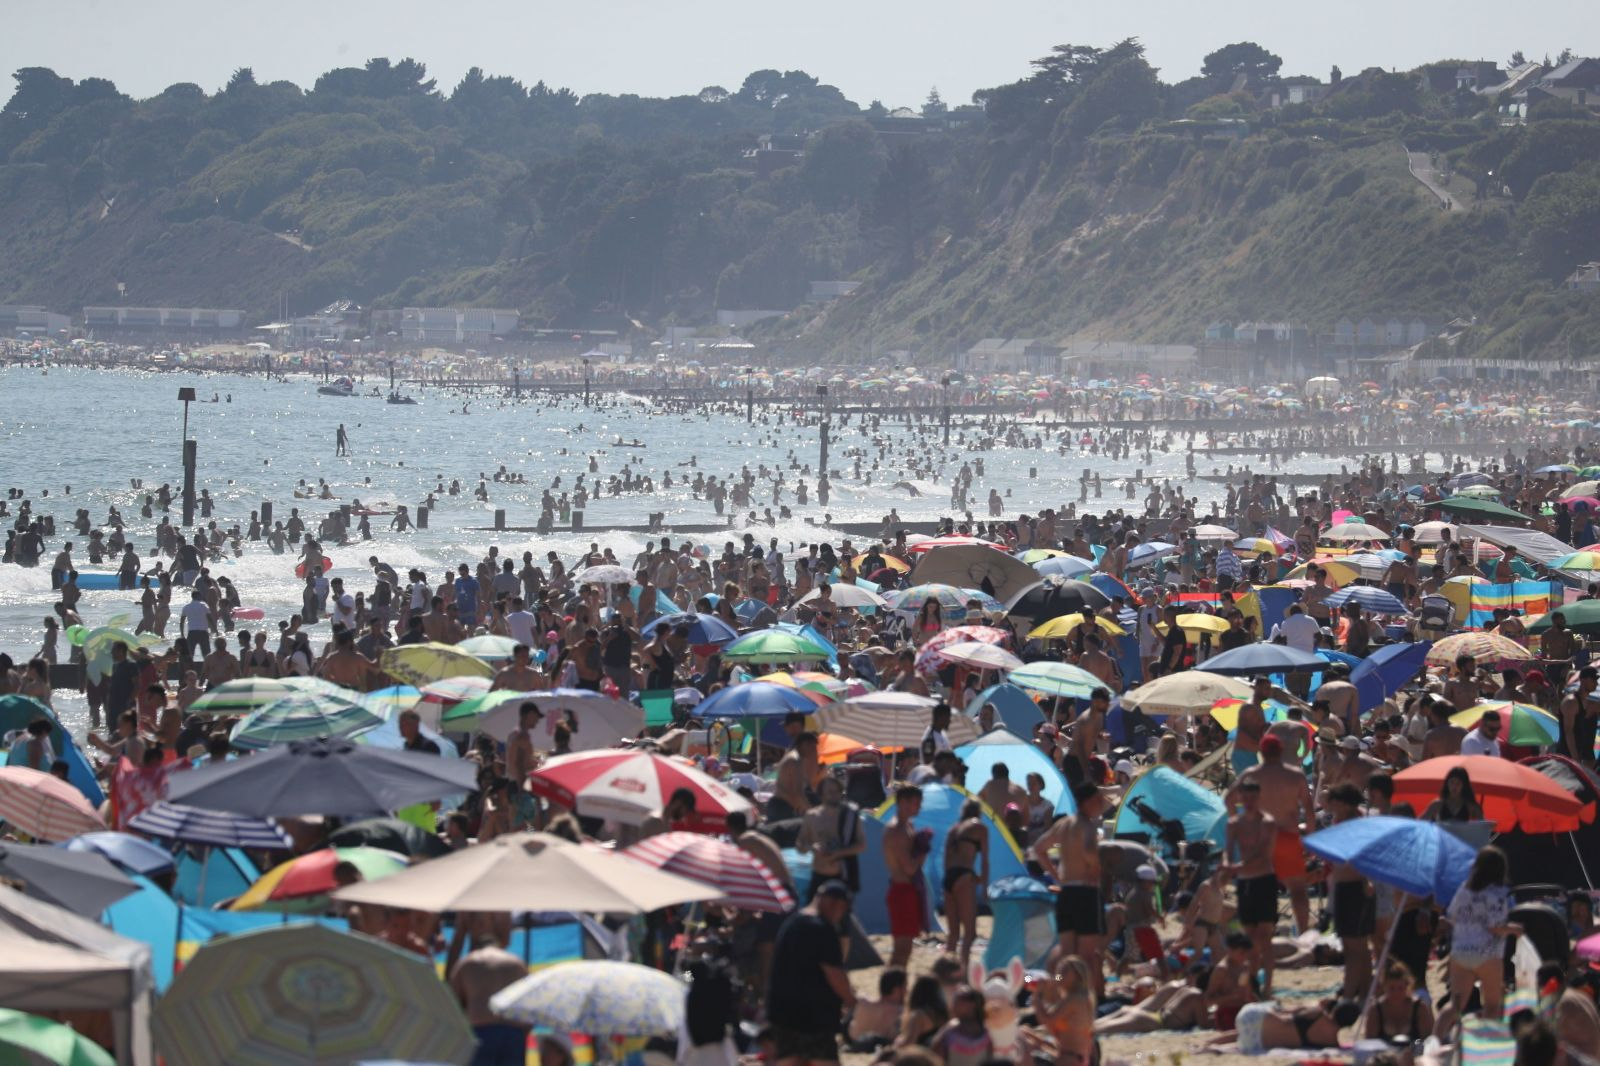 Briti si už s karanténou veľké starosti nerobia. V najteplejší deň v roku ich na plážach boli tisíce